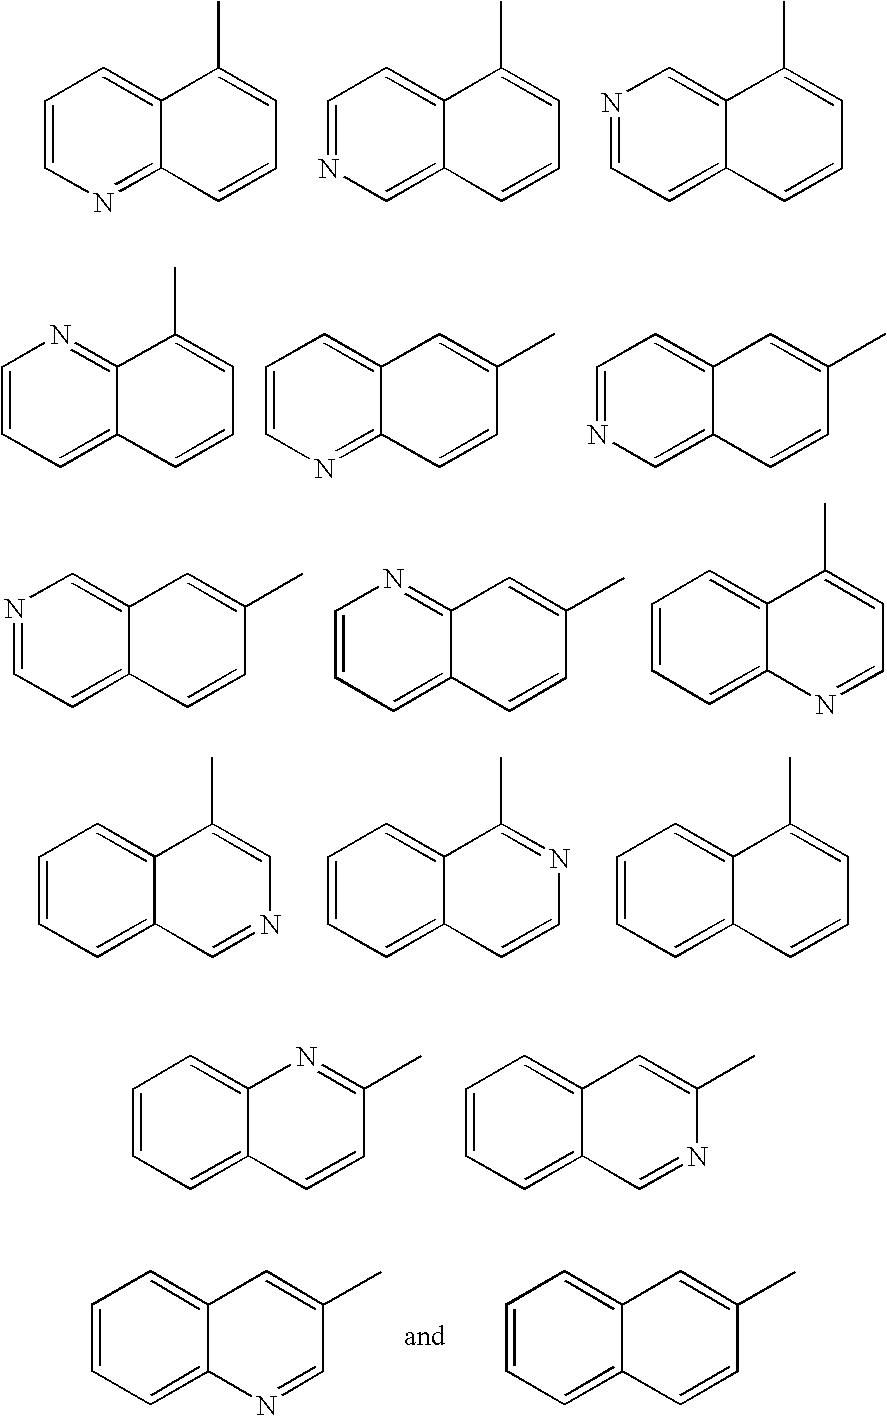 Figure US20060276547A1-20061207-C00041